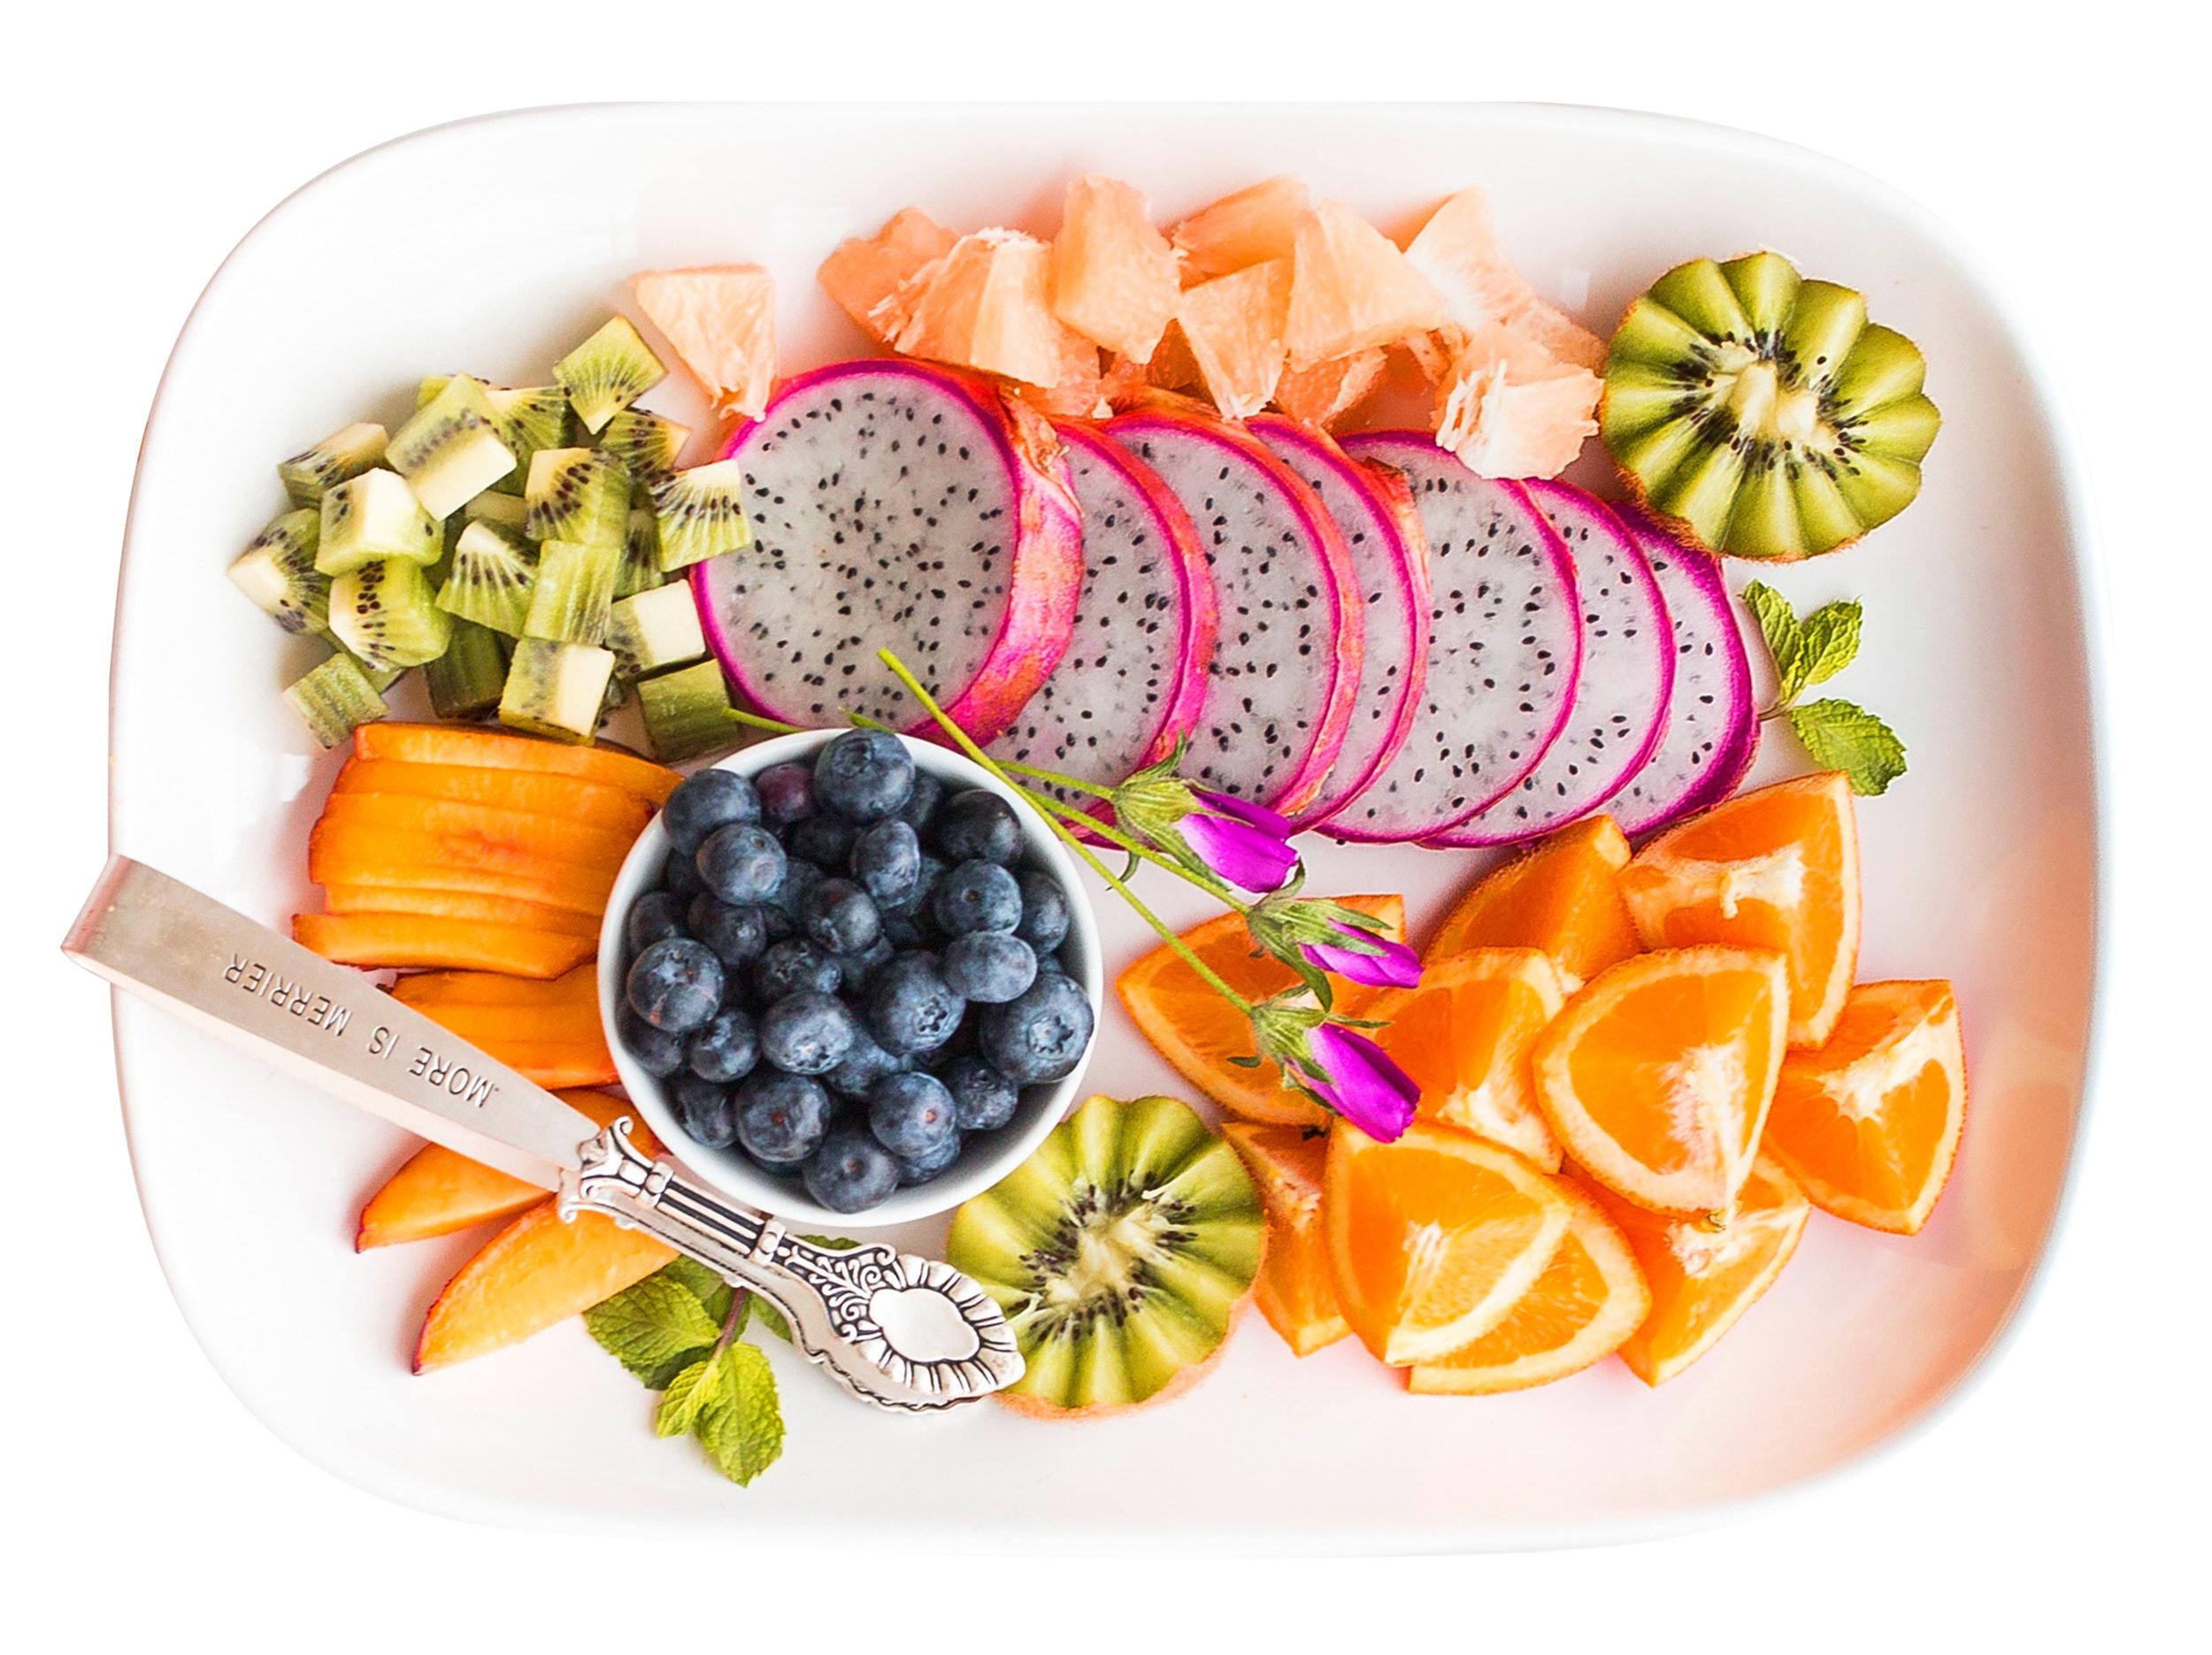 Projekt Pestrá strava naučí seniory zdravě svačit